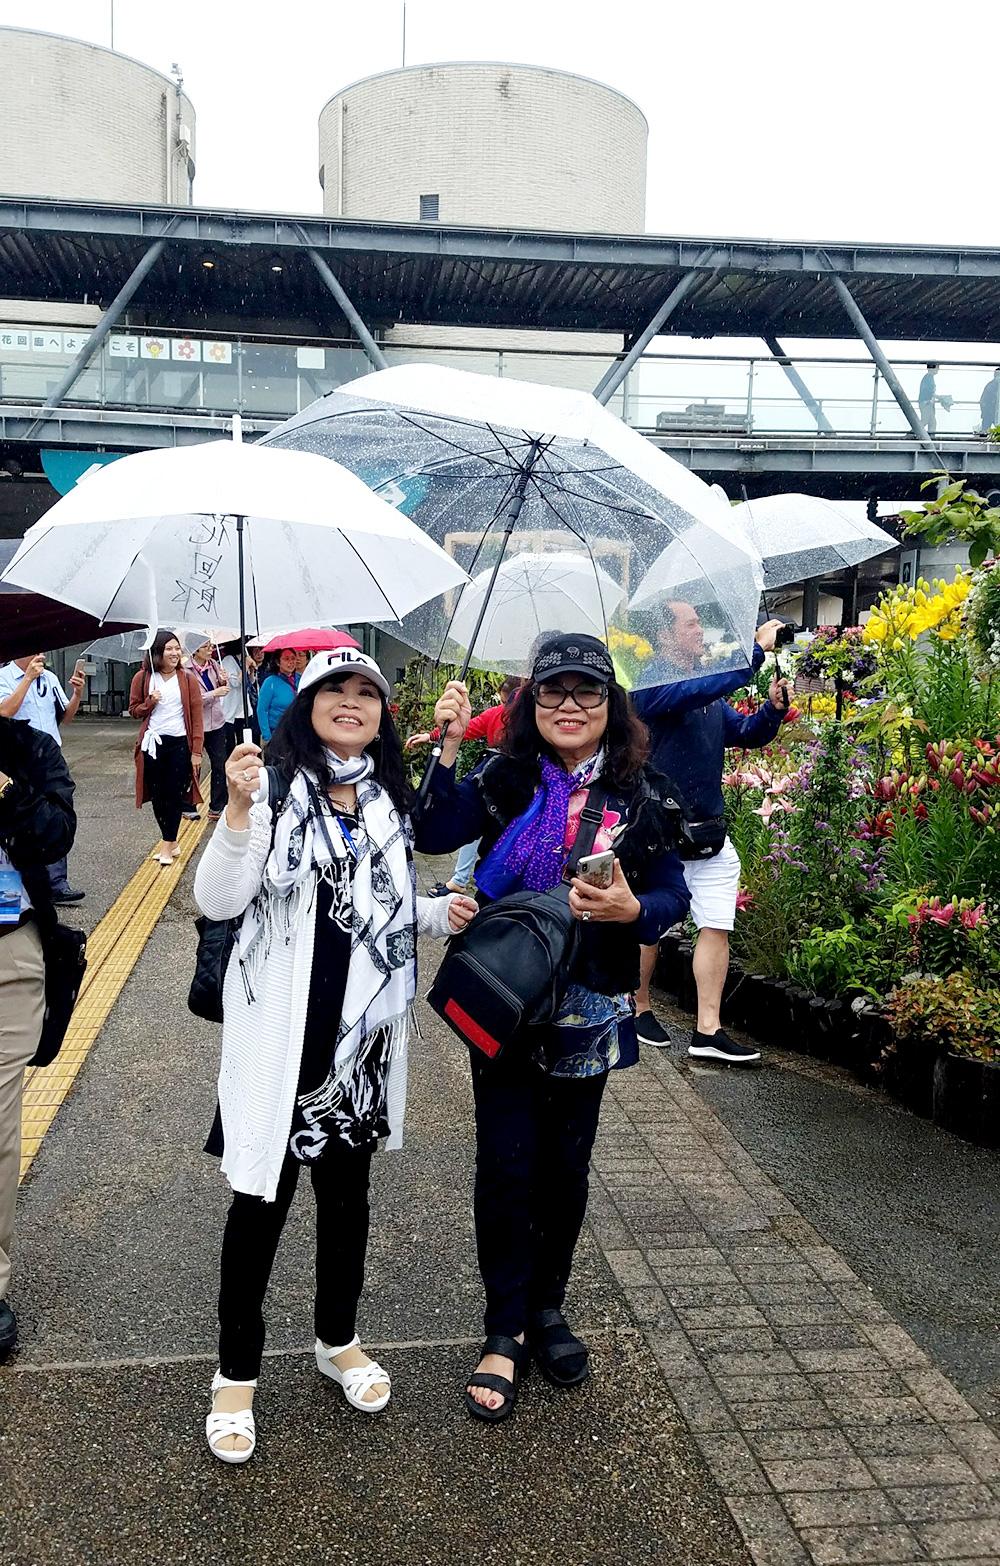 Đoàn khách tham quan Thượng Hải - Nhật Bản 09/06/2018